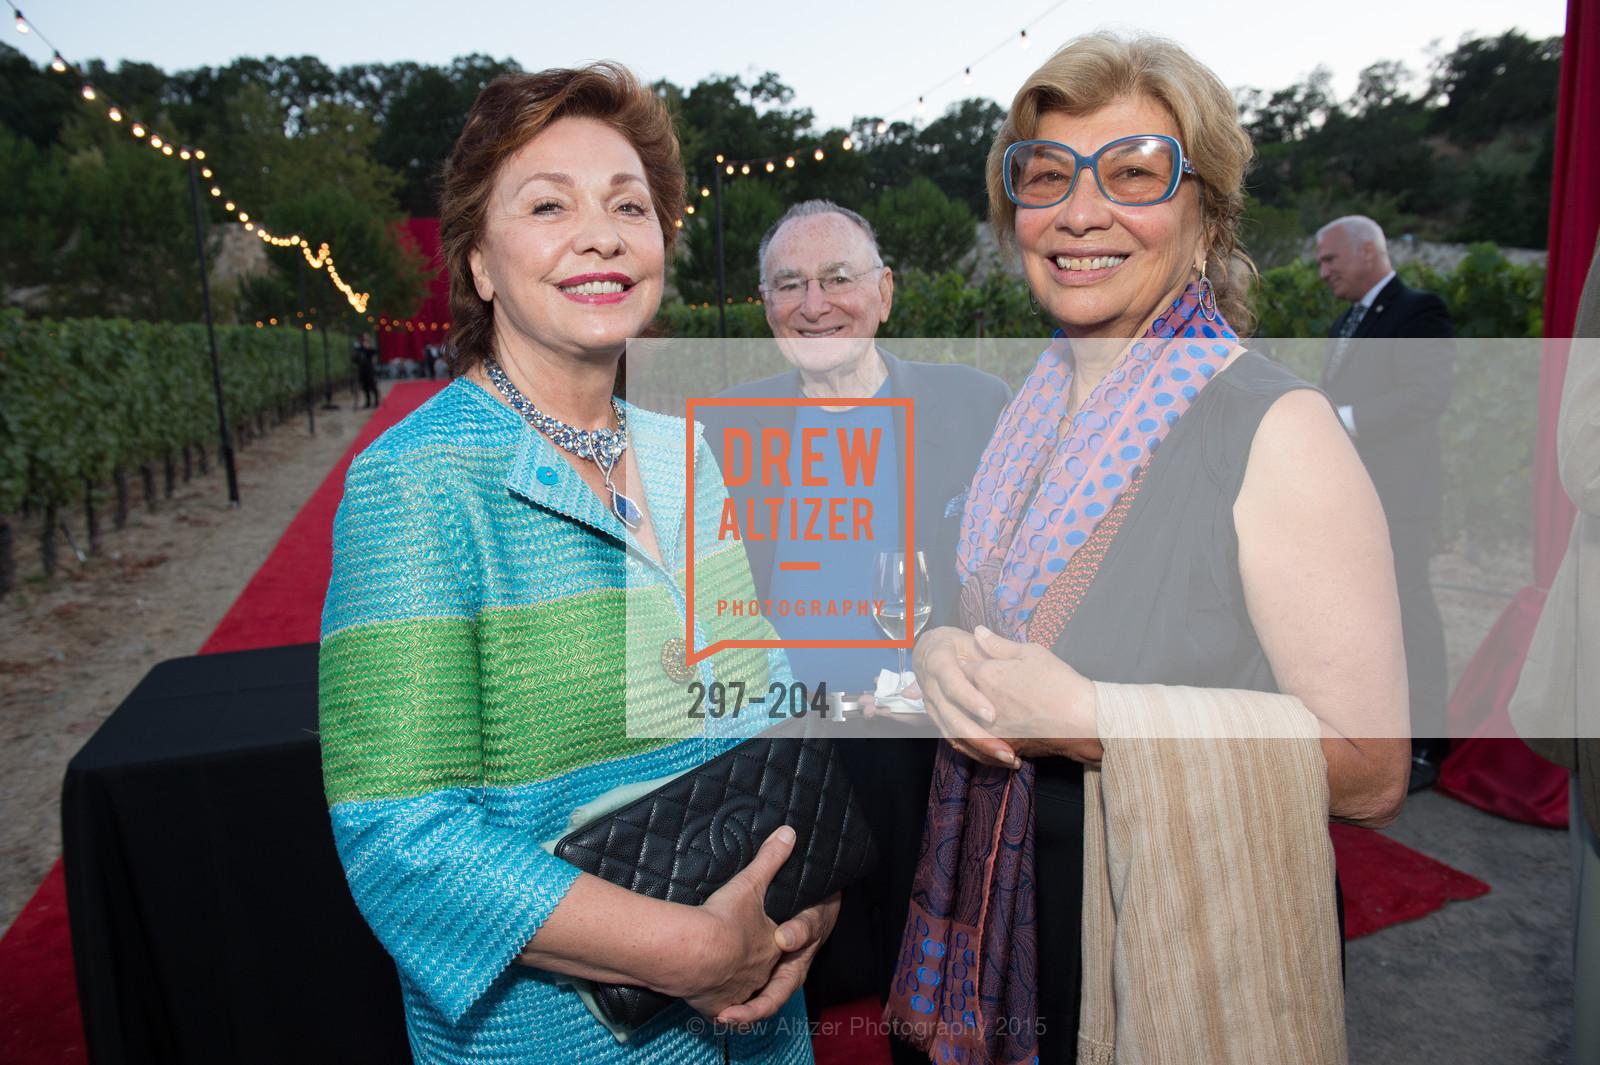 Maria Manetti Shrem, Jan Shrem, Valeria Huneeus, Photo #297-204